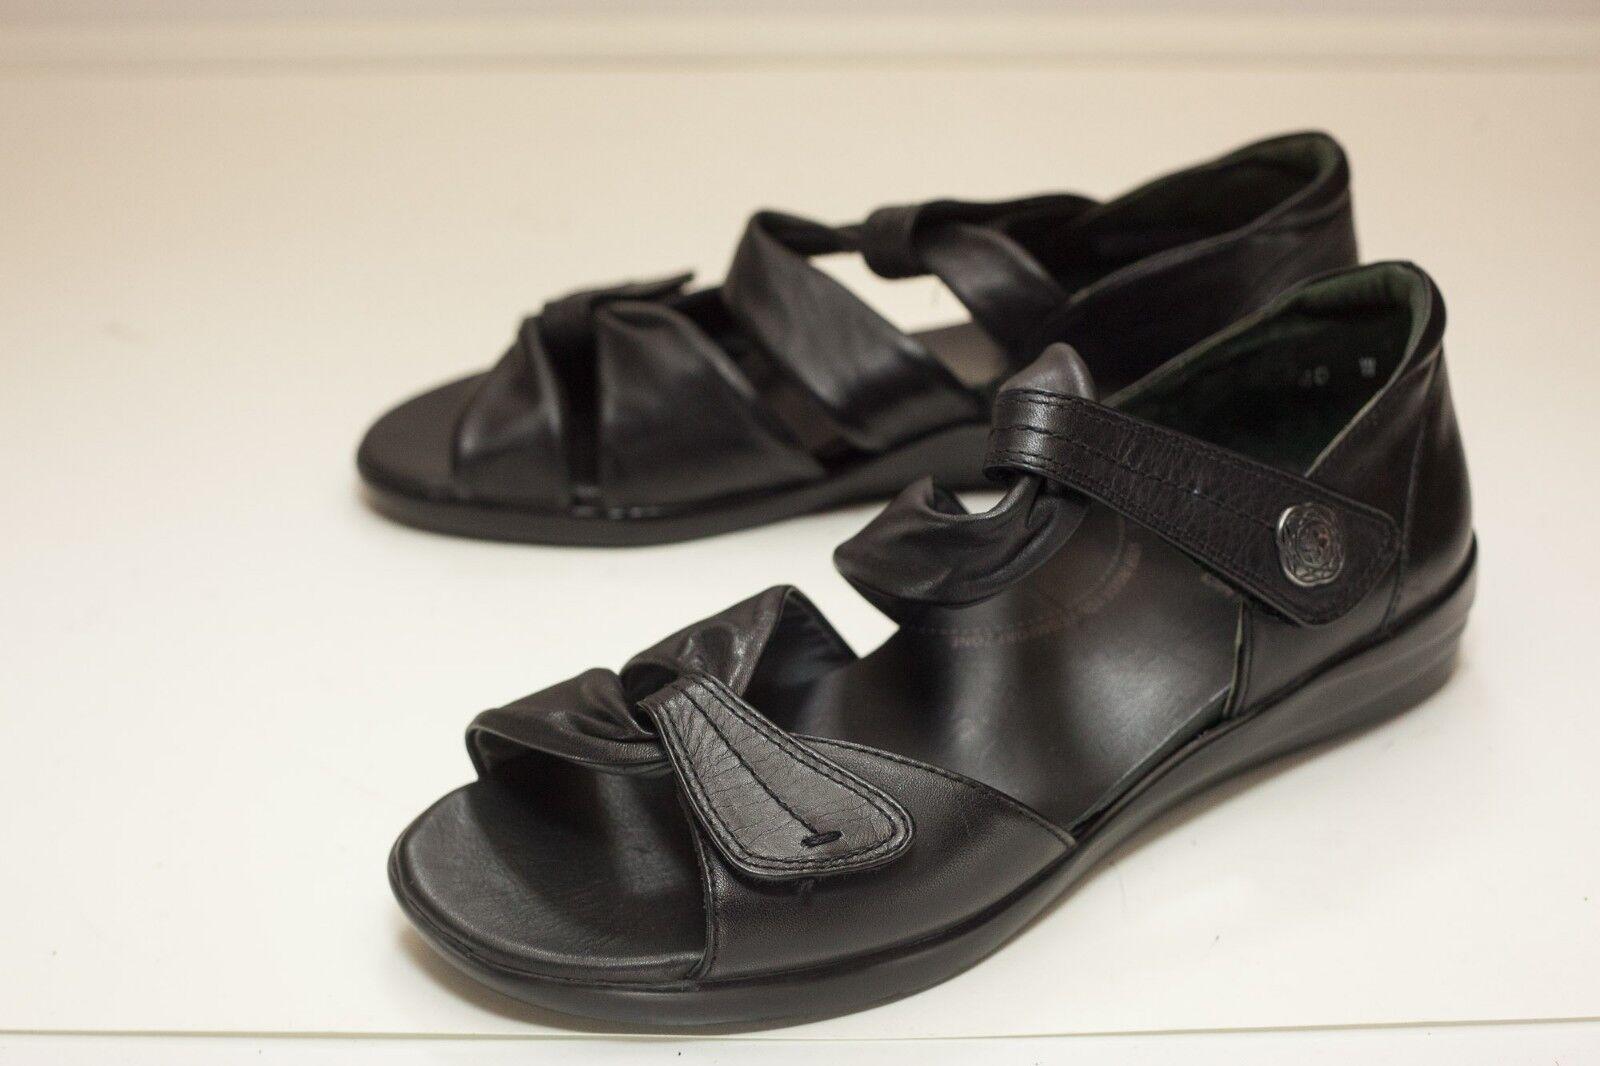 suministro directo de los fabricantes Ziera Ziera Ziera US 9 W Negro Sandalias De Mujer  tienda de descuento